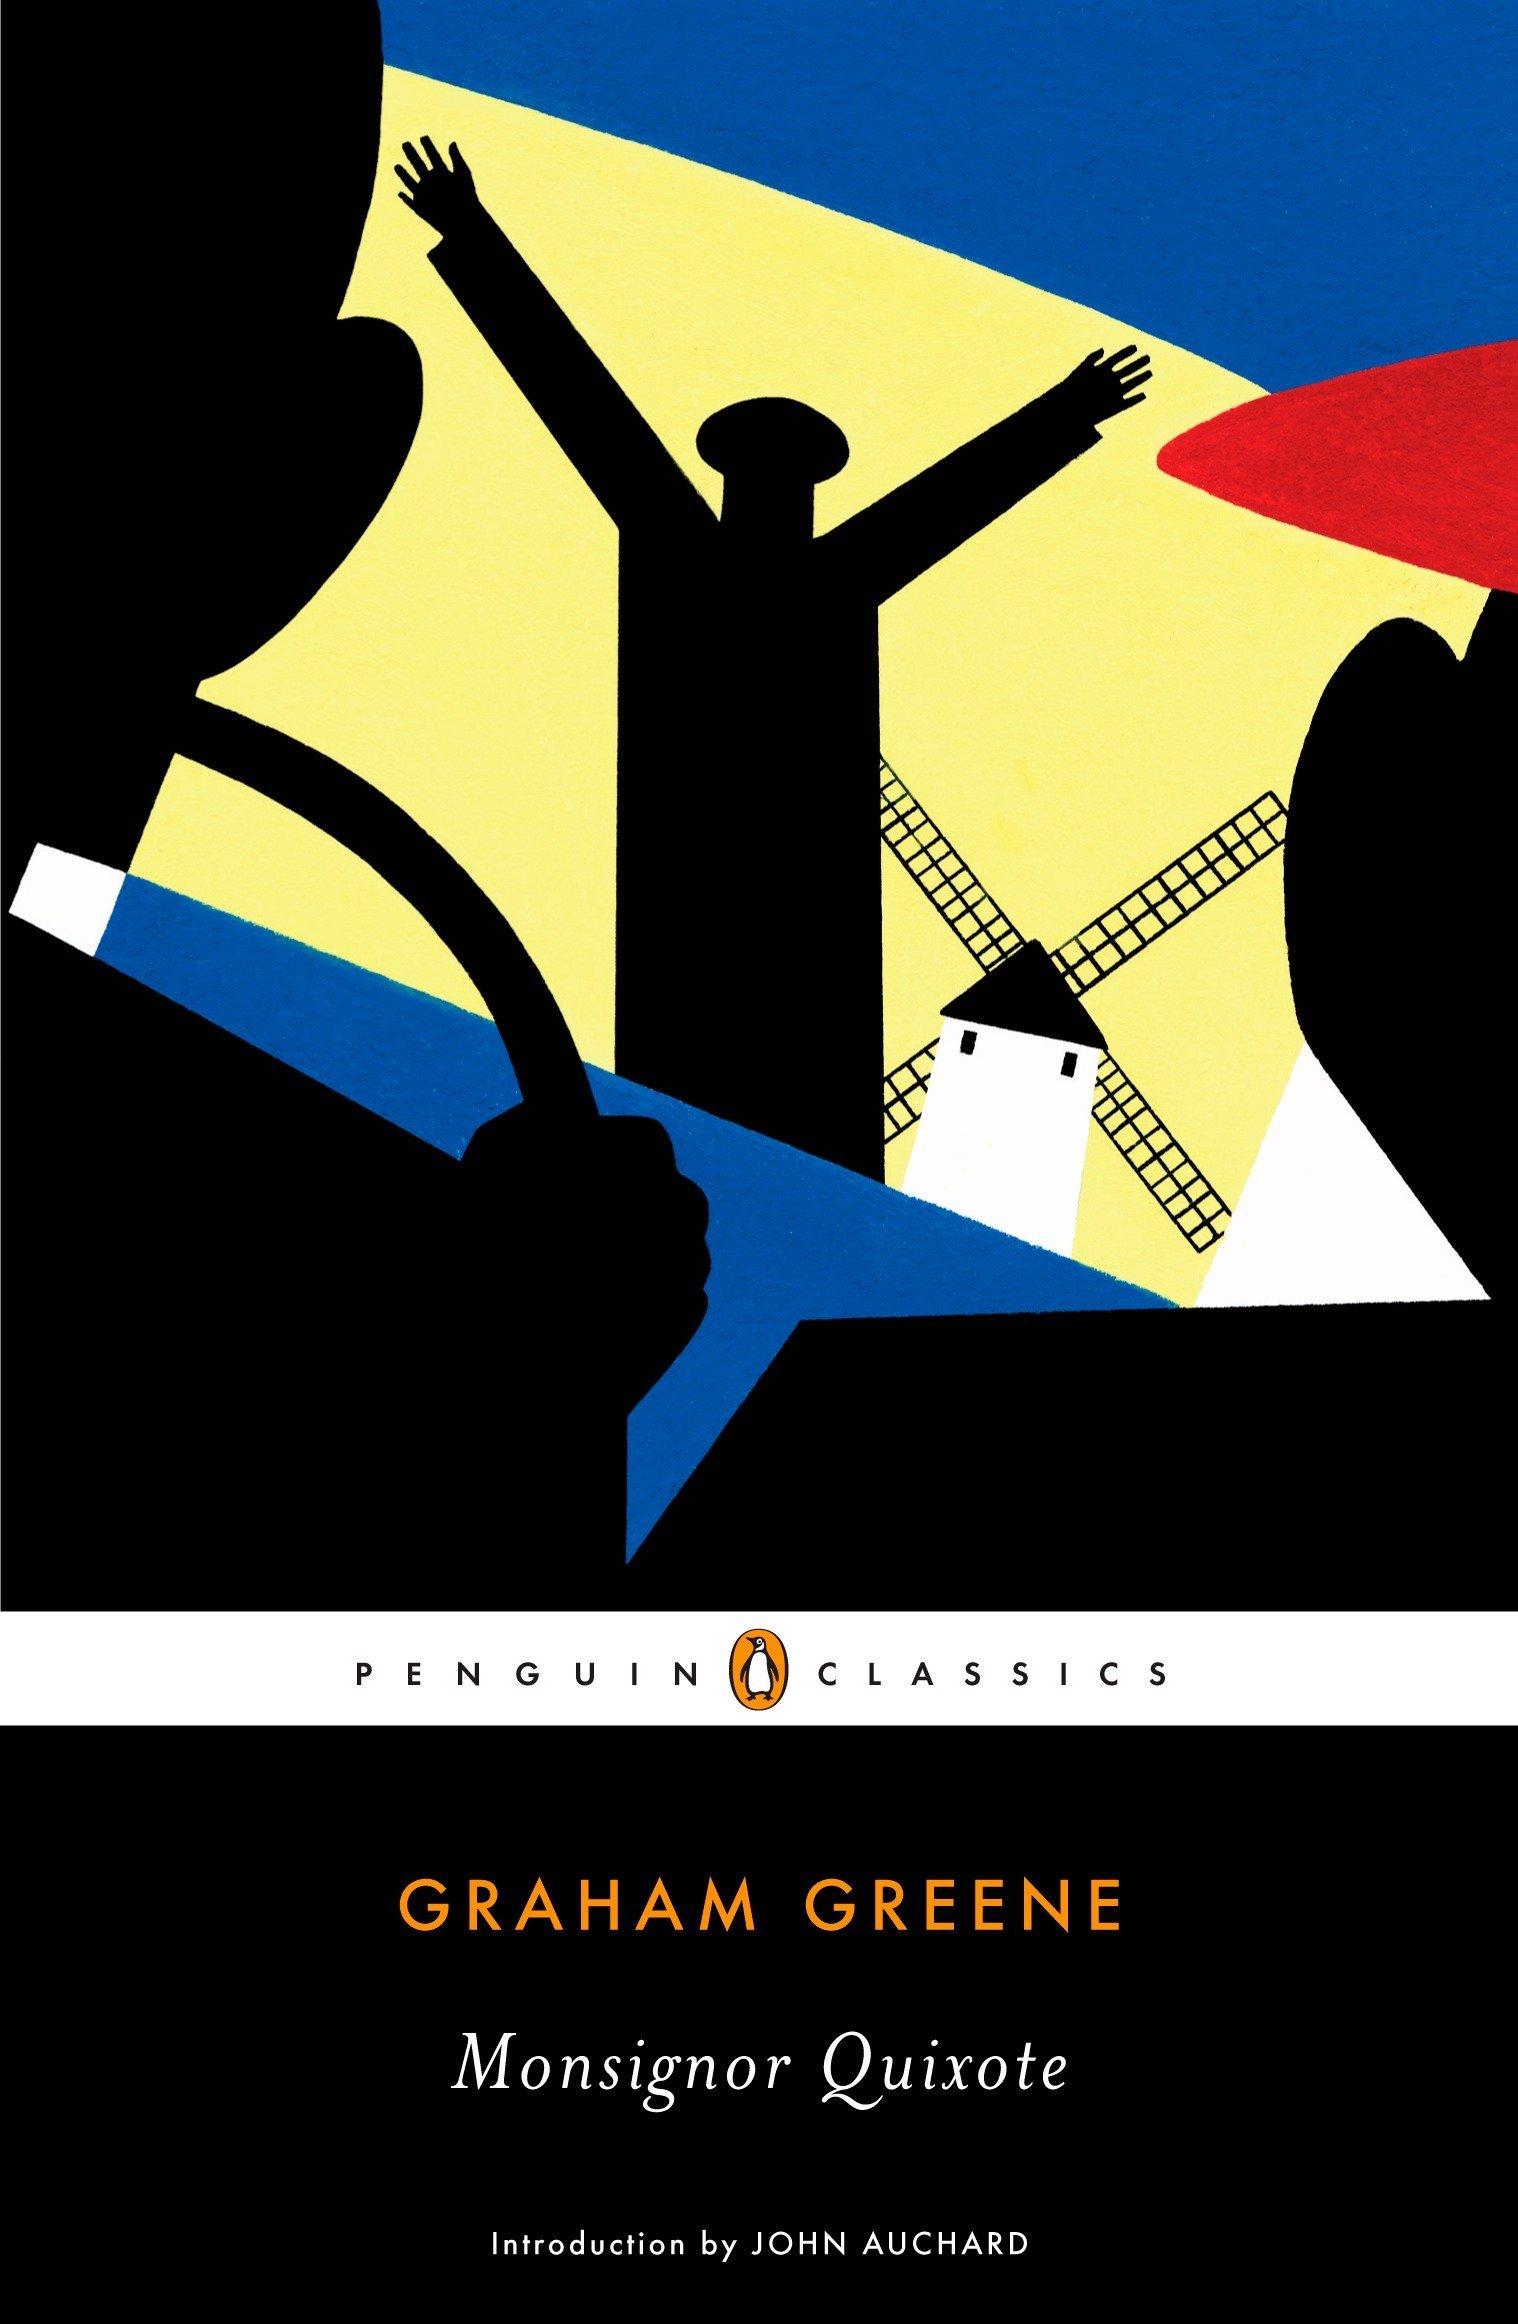 Monsignor Quixote (Penguin Classics): Amazon.es: Graham Greene: Libros en idiomas extranjeros